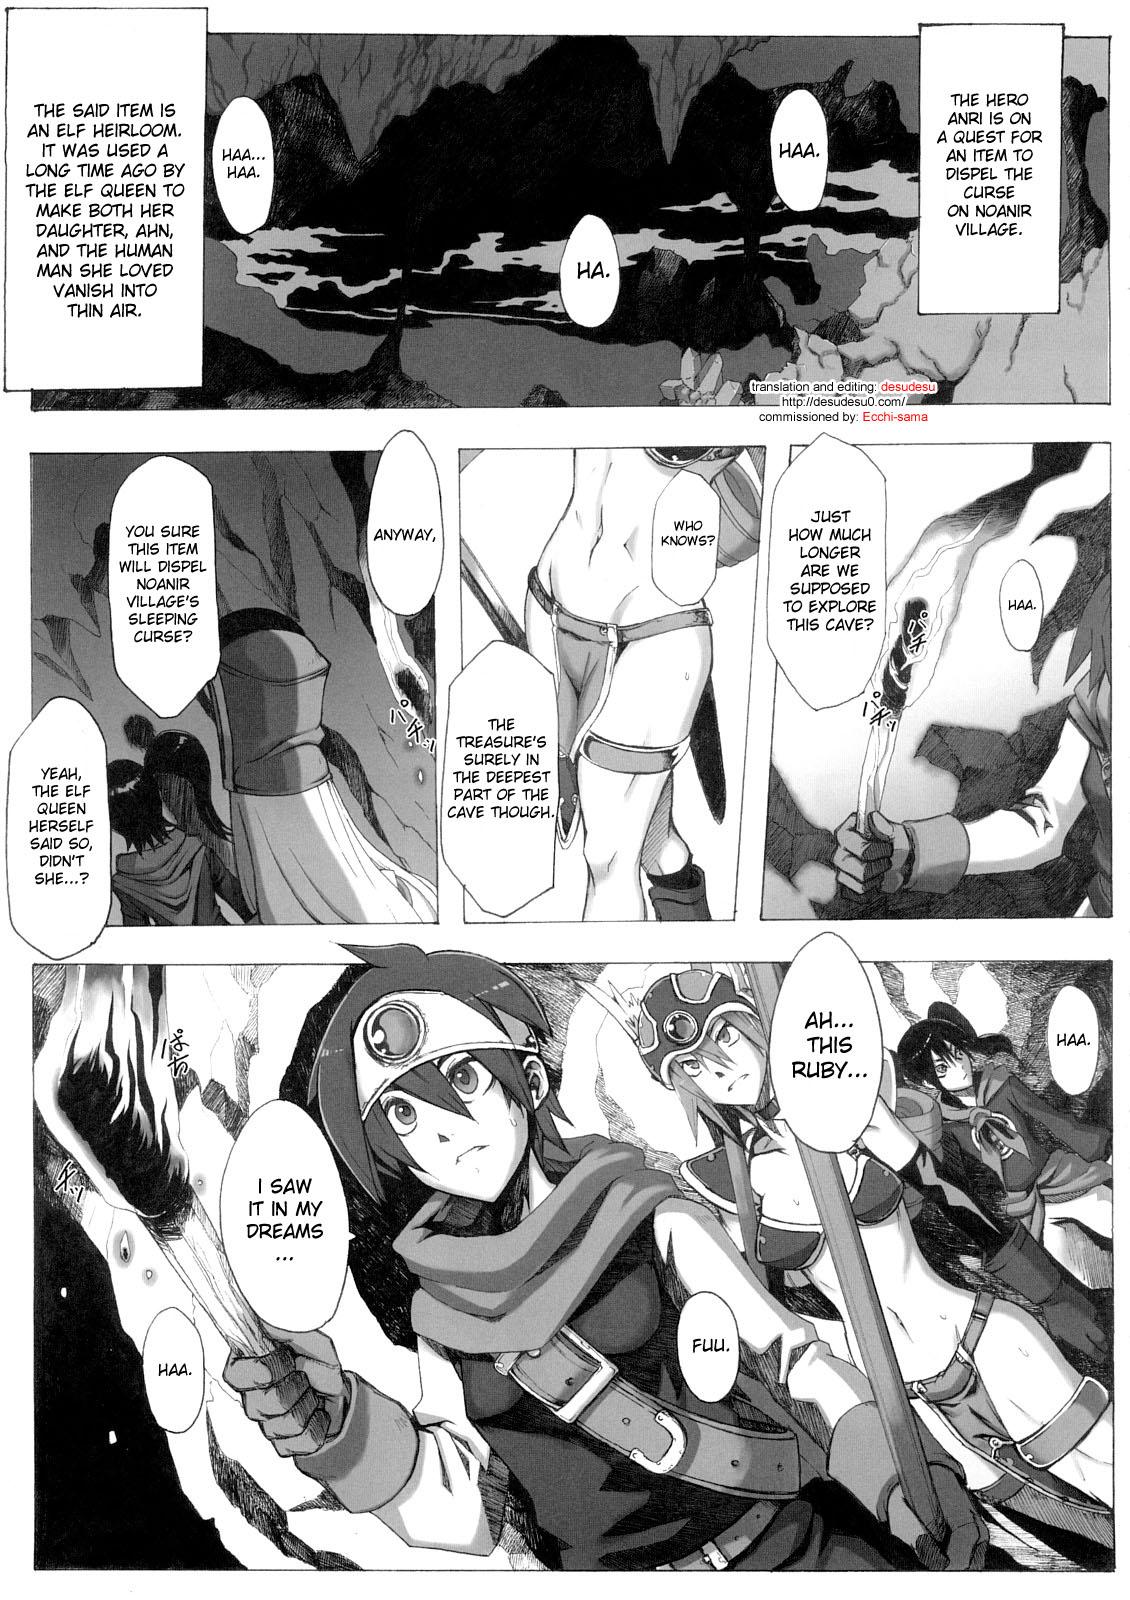 DoujinReader.com [desudesu] DA HOOTCH - Seidouyuusha (Dragon Quest 3) 03